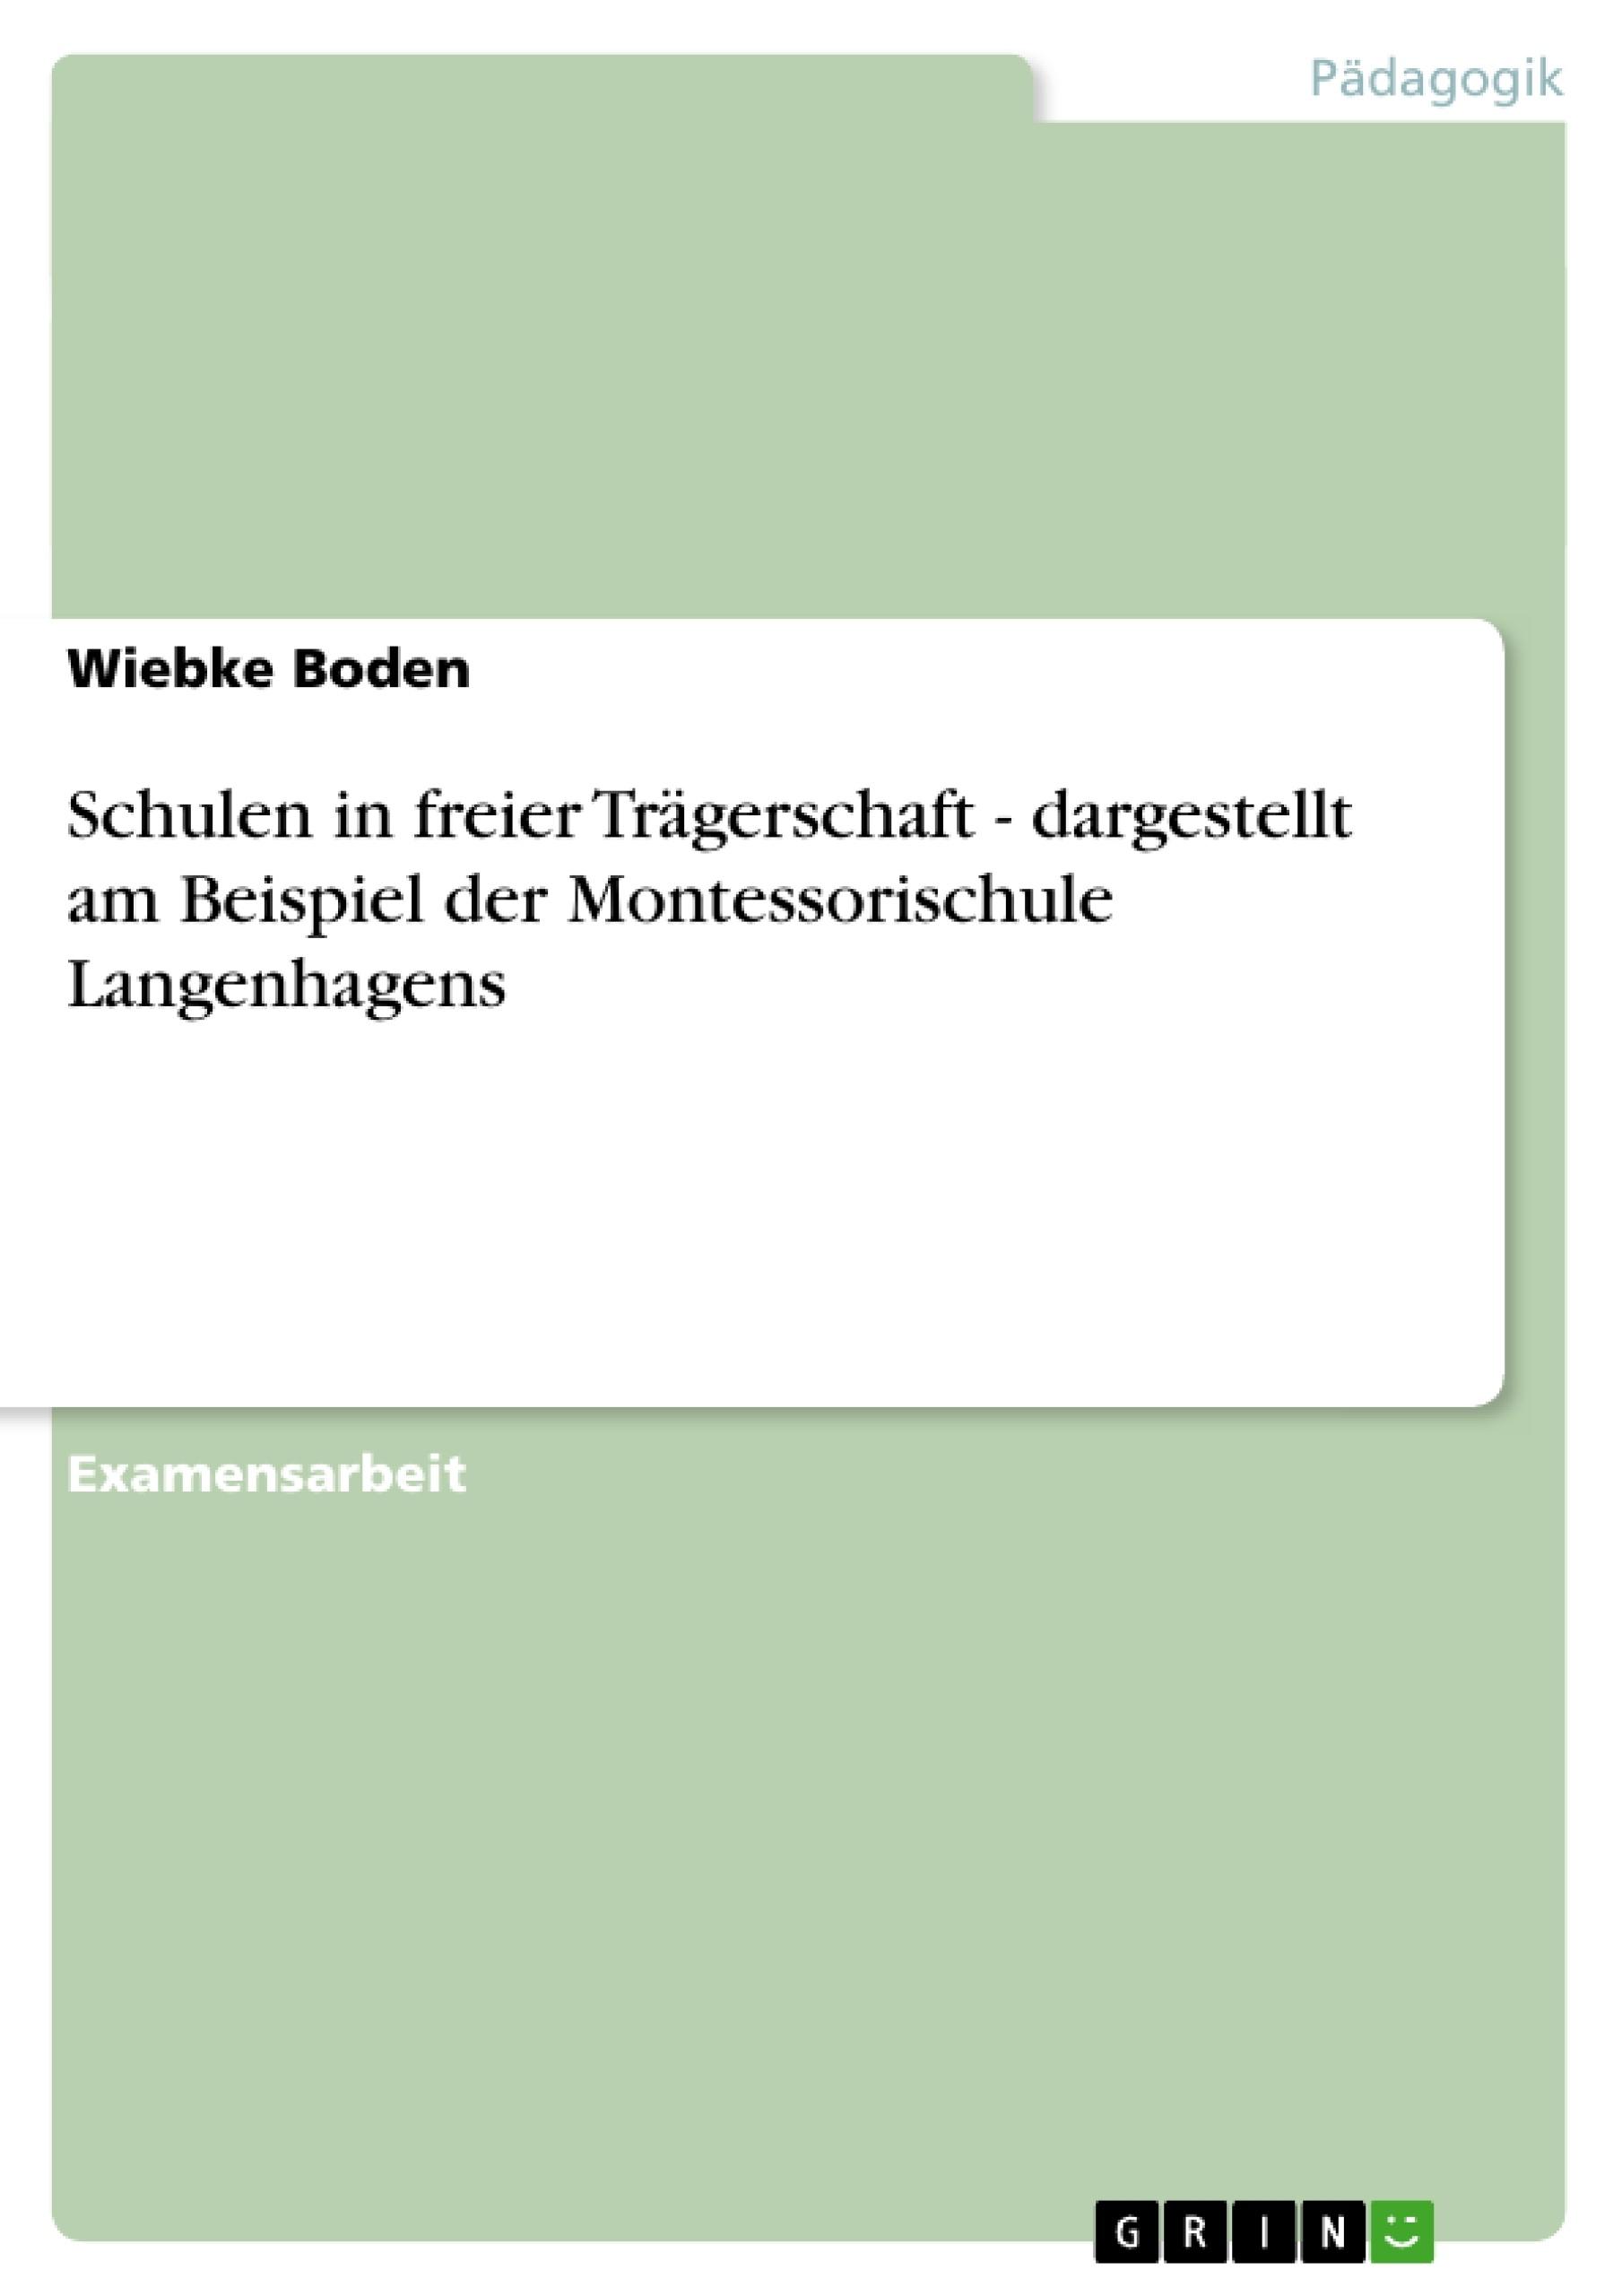 Titel: Schulen in freier Trägerschaft - dargestellt am Beispiel der Montessorischule Langenhagens